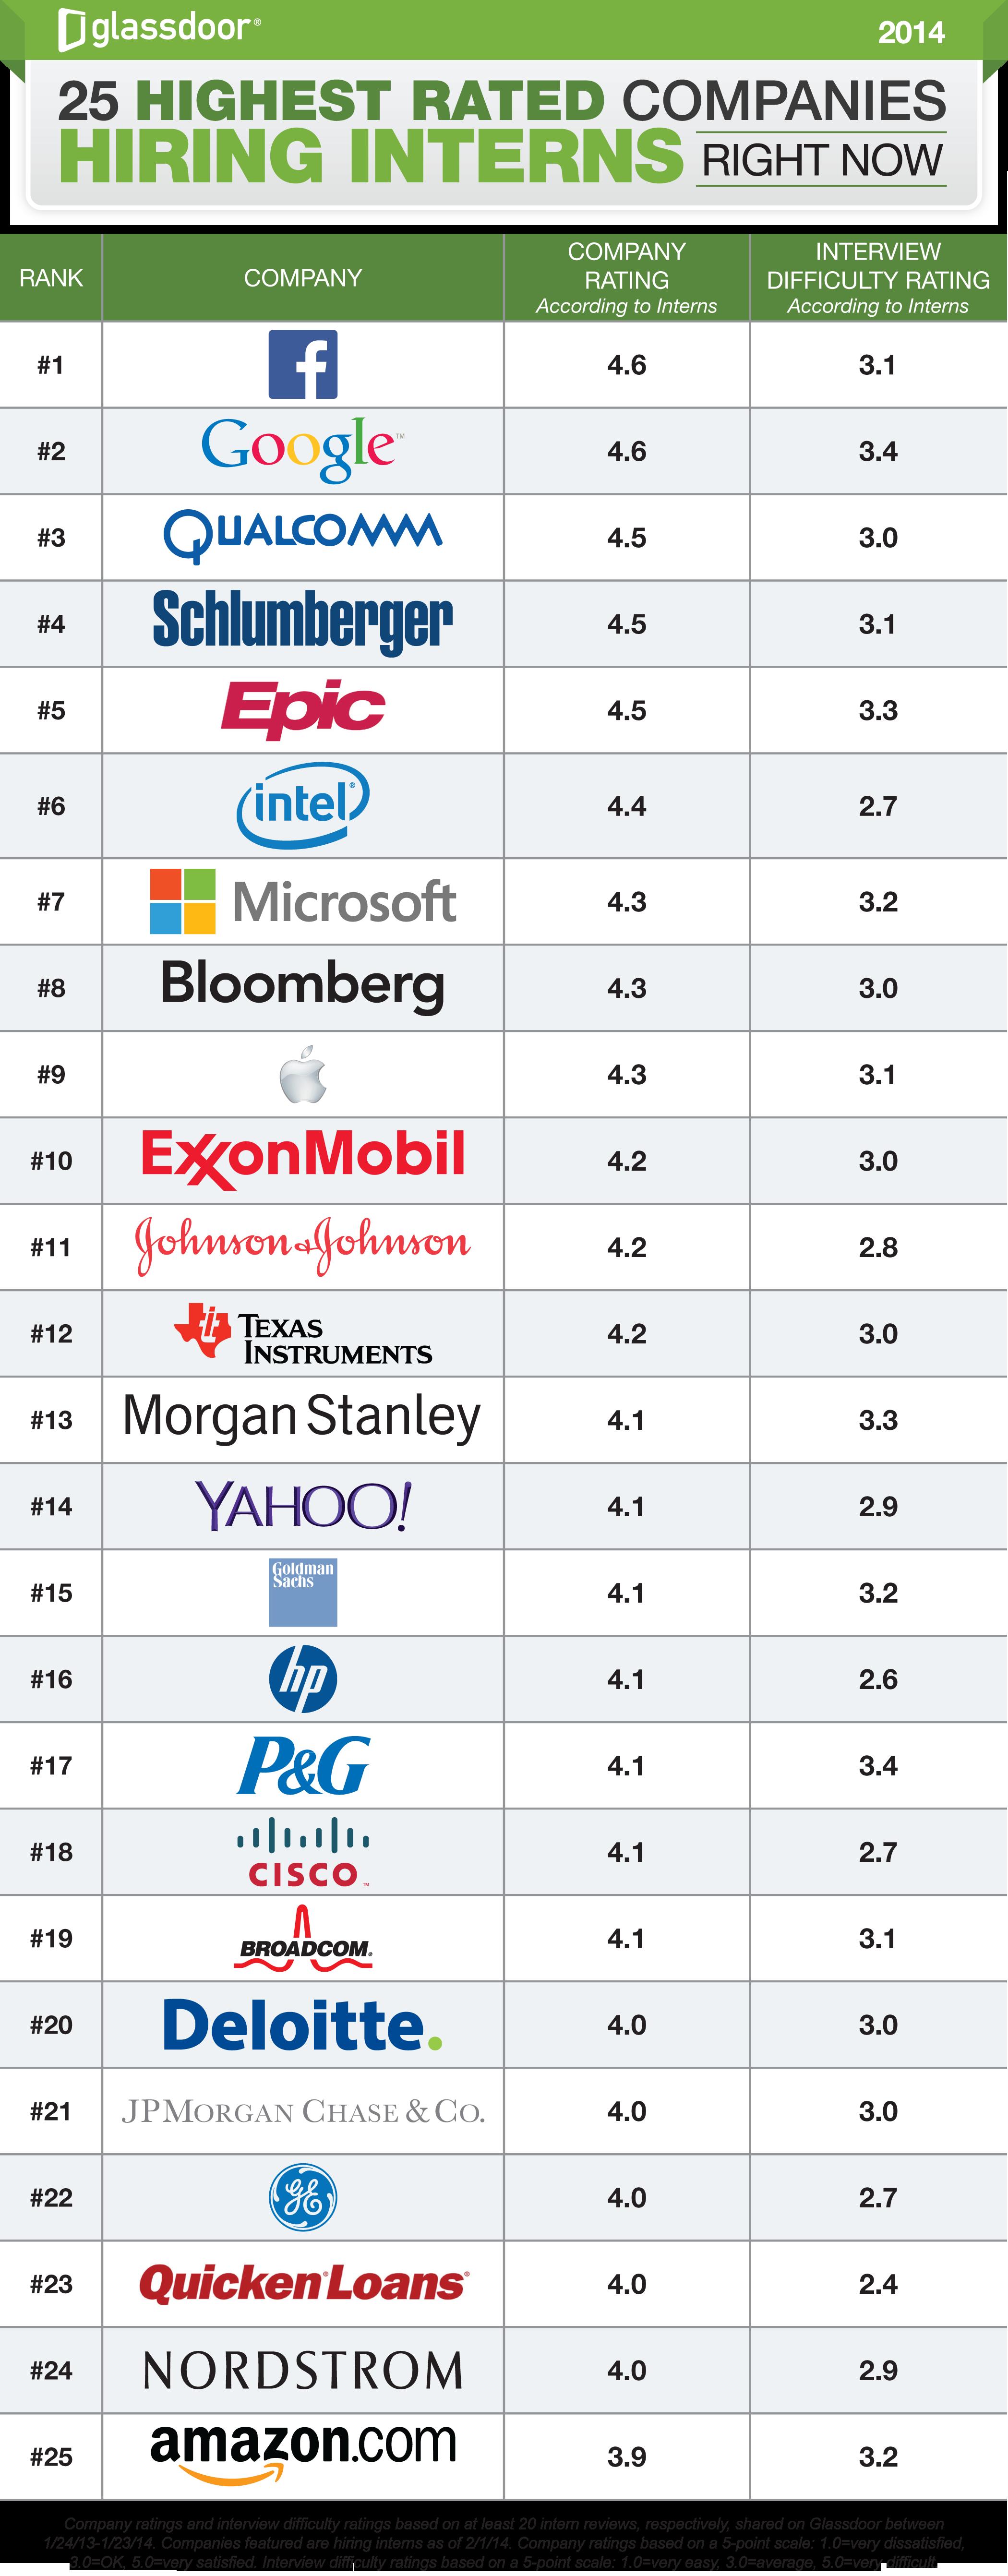 Las 25 mejores compañias para obtener un trabajo como interno